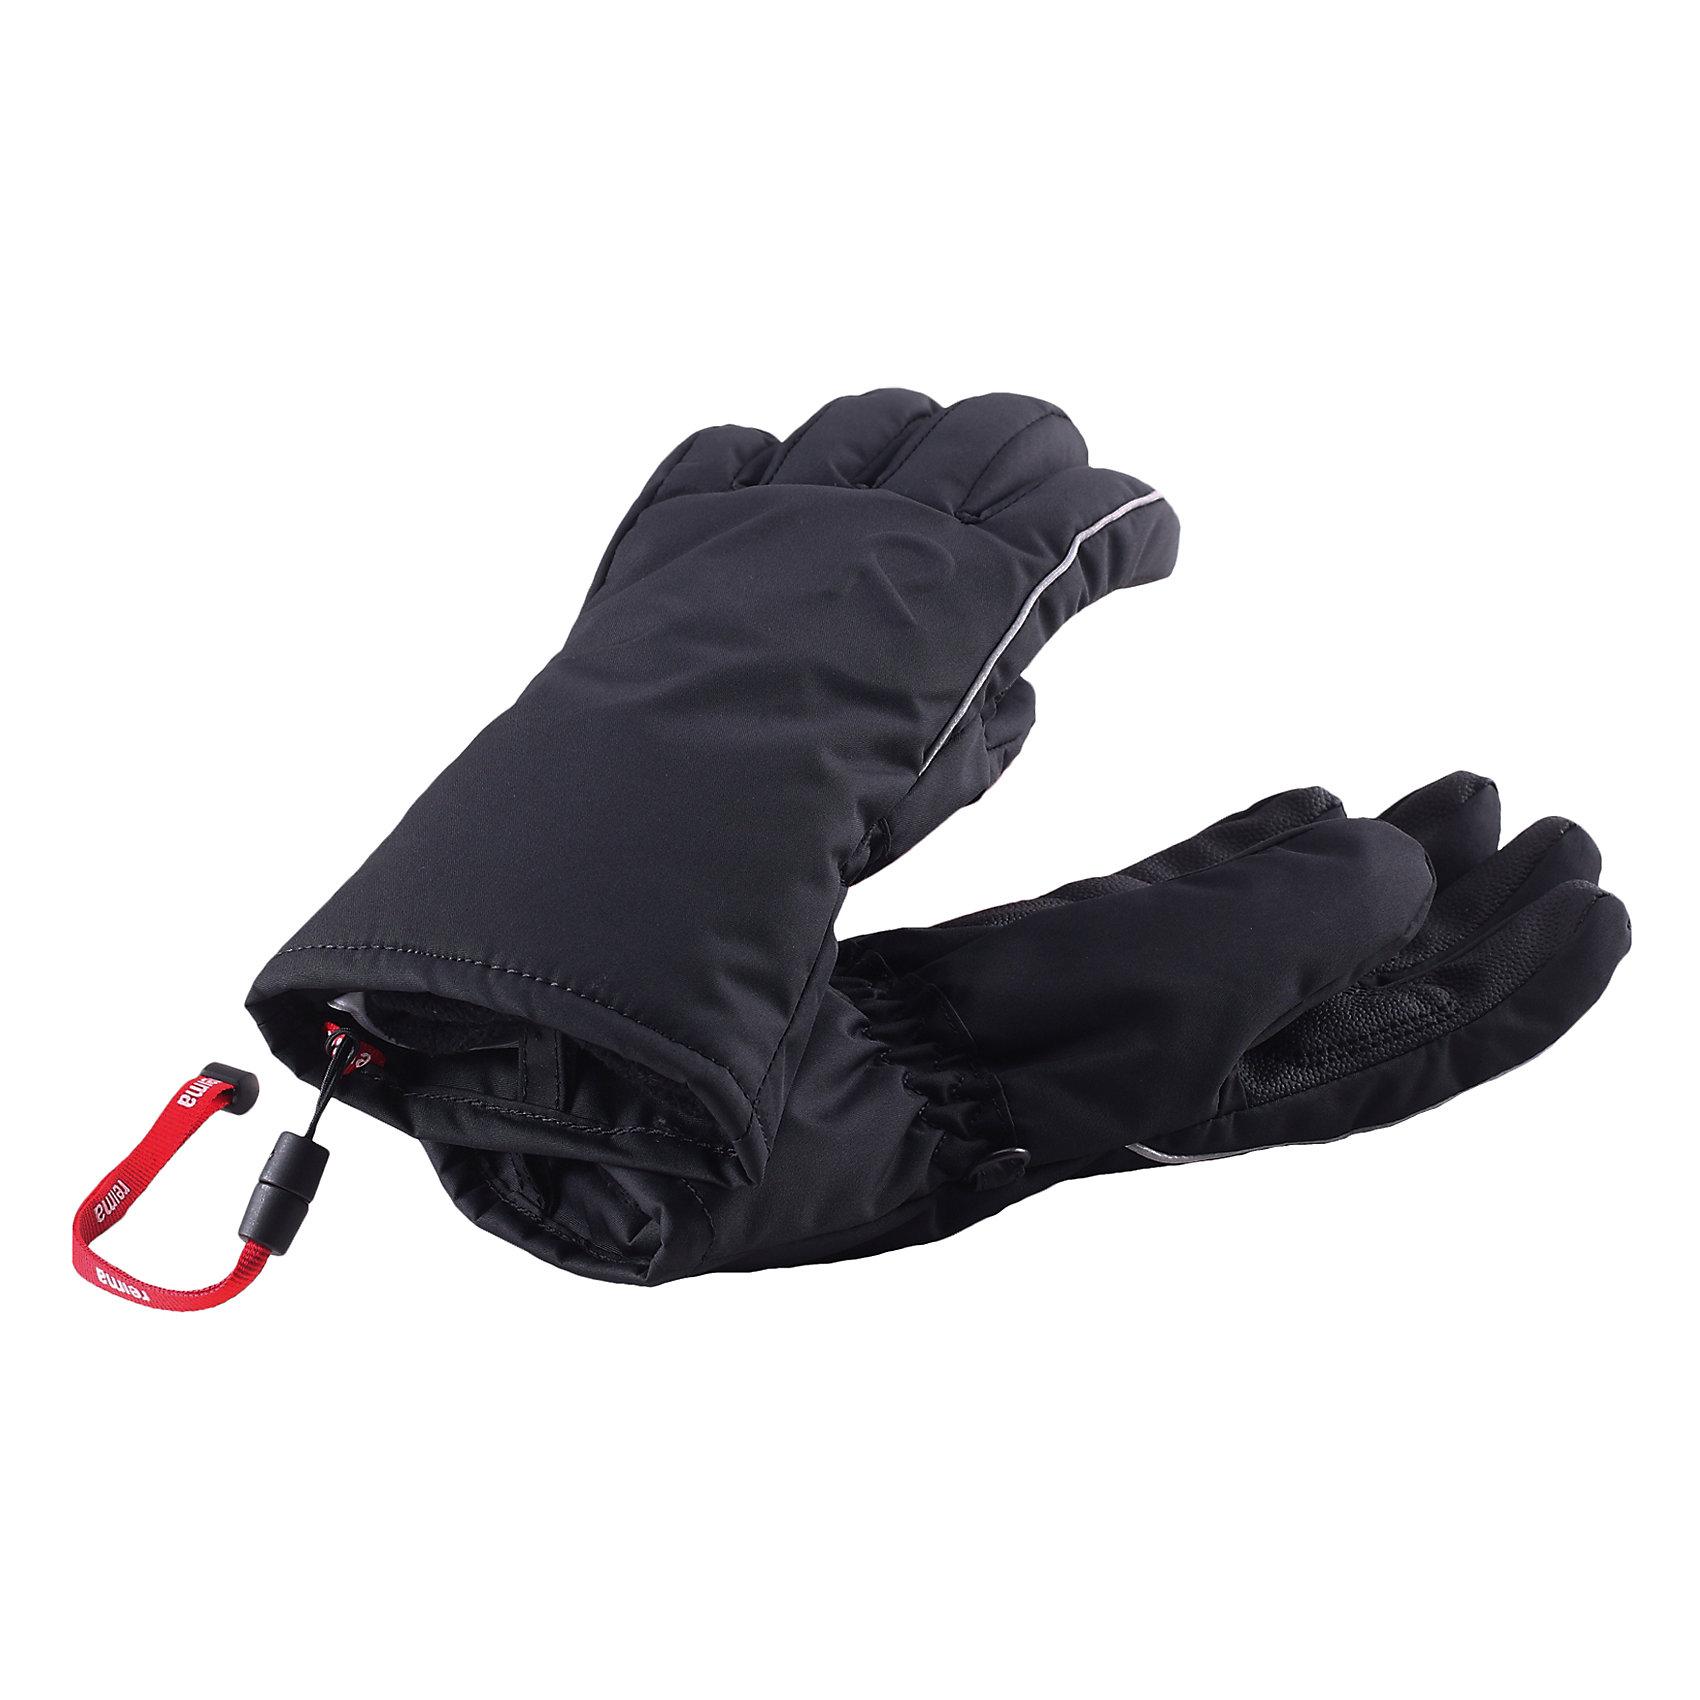 Перчатки Lentoon Reimatec® ReimaПерчатки и варежки<br>Перчатки  Reimatec® Reima<br>Зимние перчатки для детей. Полная водонепроницаемость и «дышащая» способность благодаря вставке Hipora. Водо- и ветронепроницаемый и грязеотталкивающий материал. Накладки на ладонях, кончиках пальцев и больших пальцах. Завязки во всех размерах снабжены ограничителями. Мягкая теплая подкладка из флиса. Утеплитель PrimaLoft®. Аппликация.<br>Утеплитель: PrimaLoft® silver insulation,133g<br>Уход:<br>Стирать по отдельности. Застегнуть липучки. Стирать моющим средством, не содержащим отбеливающие вещества. Полоскать без специального средства. Можно сушить в сушильном шкафу или центрифуге (макс. 40° C).<br>Состав:<br>100% Полиамид, полиуретановое покрытие<br><br>Ширина мм: 162<br>Глубина мм: 171<br>Высота мм: 55<br>Вес г: 119<br>Цвет: черный<br>Возраст от месяцев: 48<br>Возраст до месяцев: 72<br>Пол: Унисекс<br>Возраст: Детский<br>Размер: 4,8,5,6,7<br>SKU: 4779719